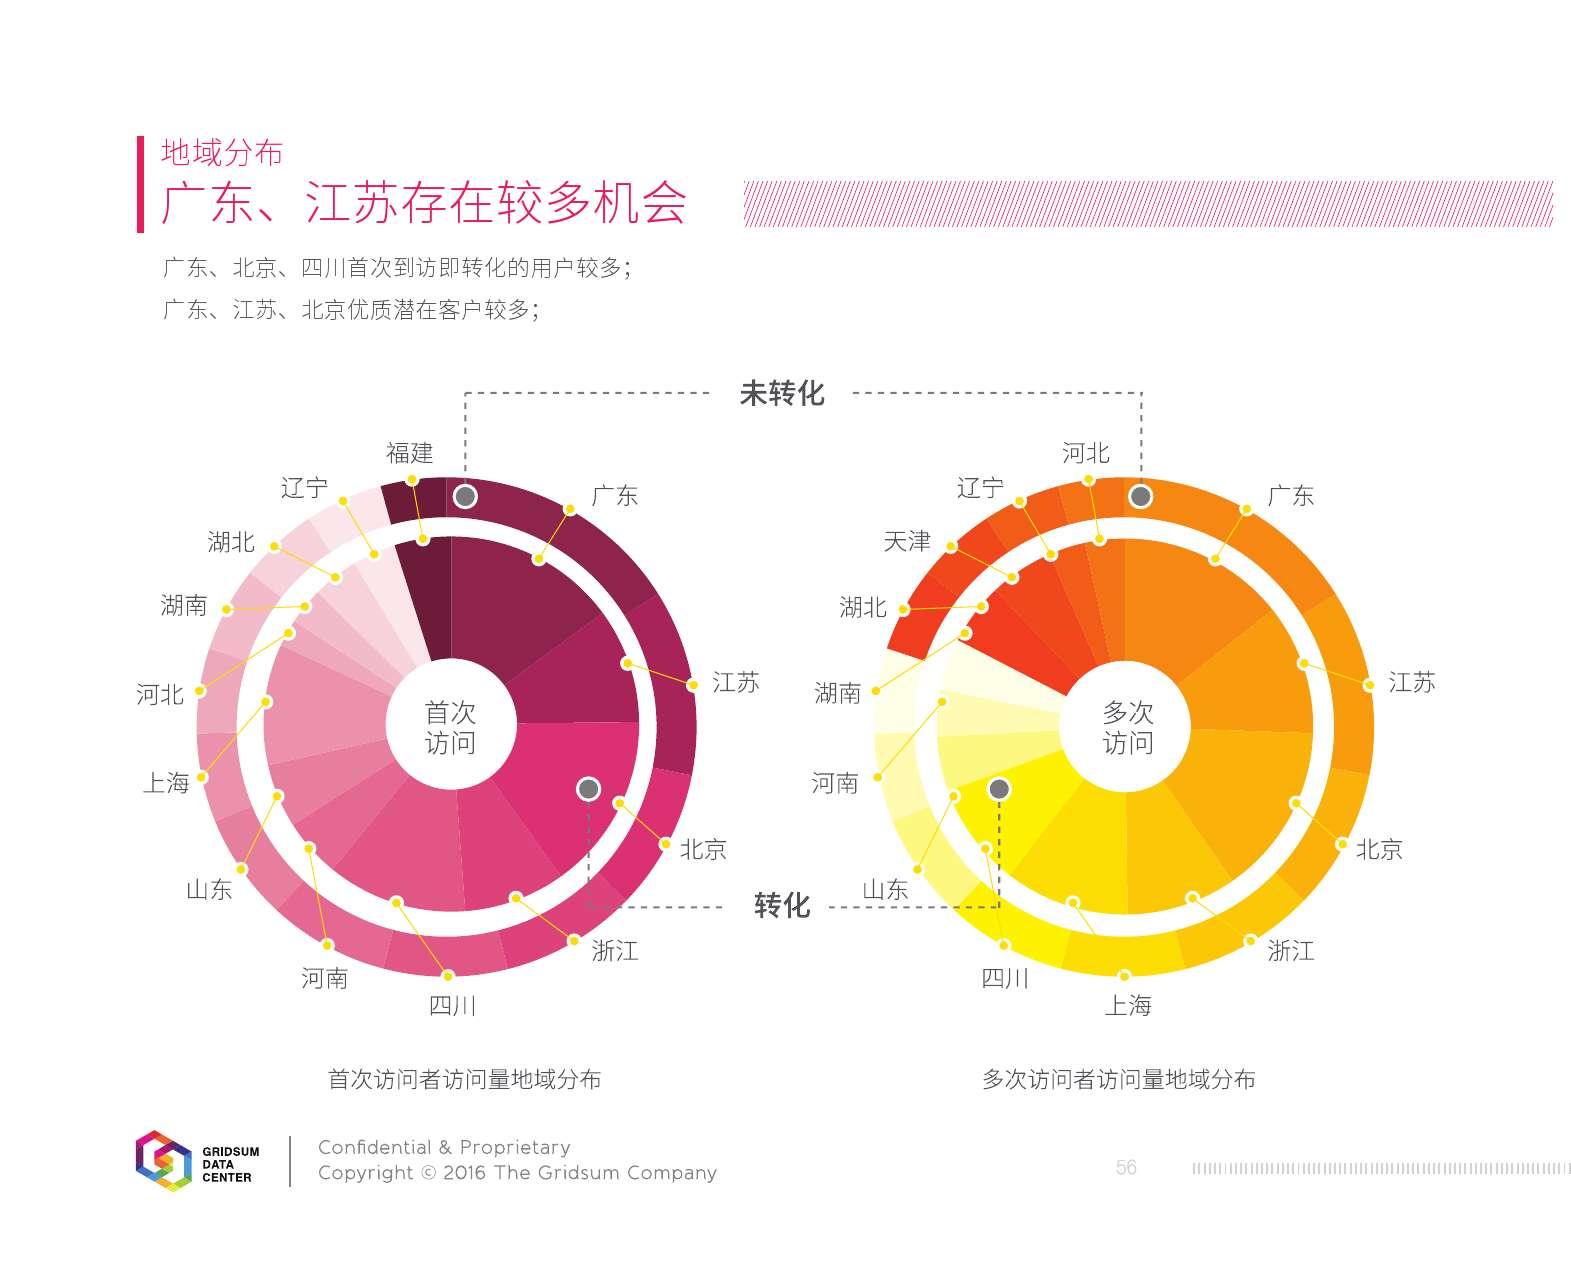 2015中国互联网发展报告_000058